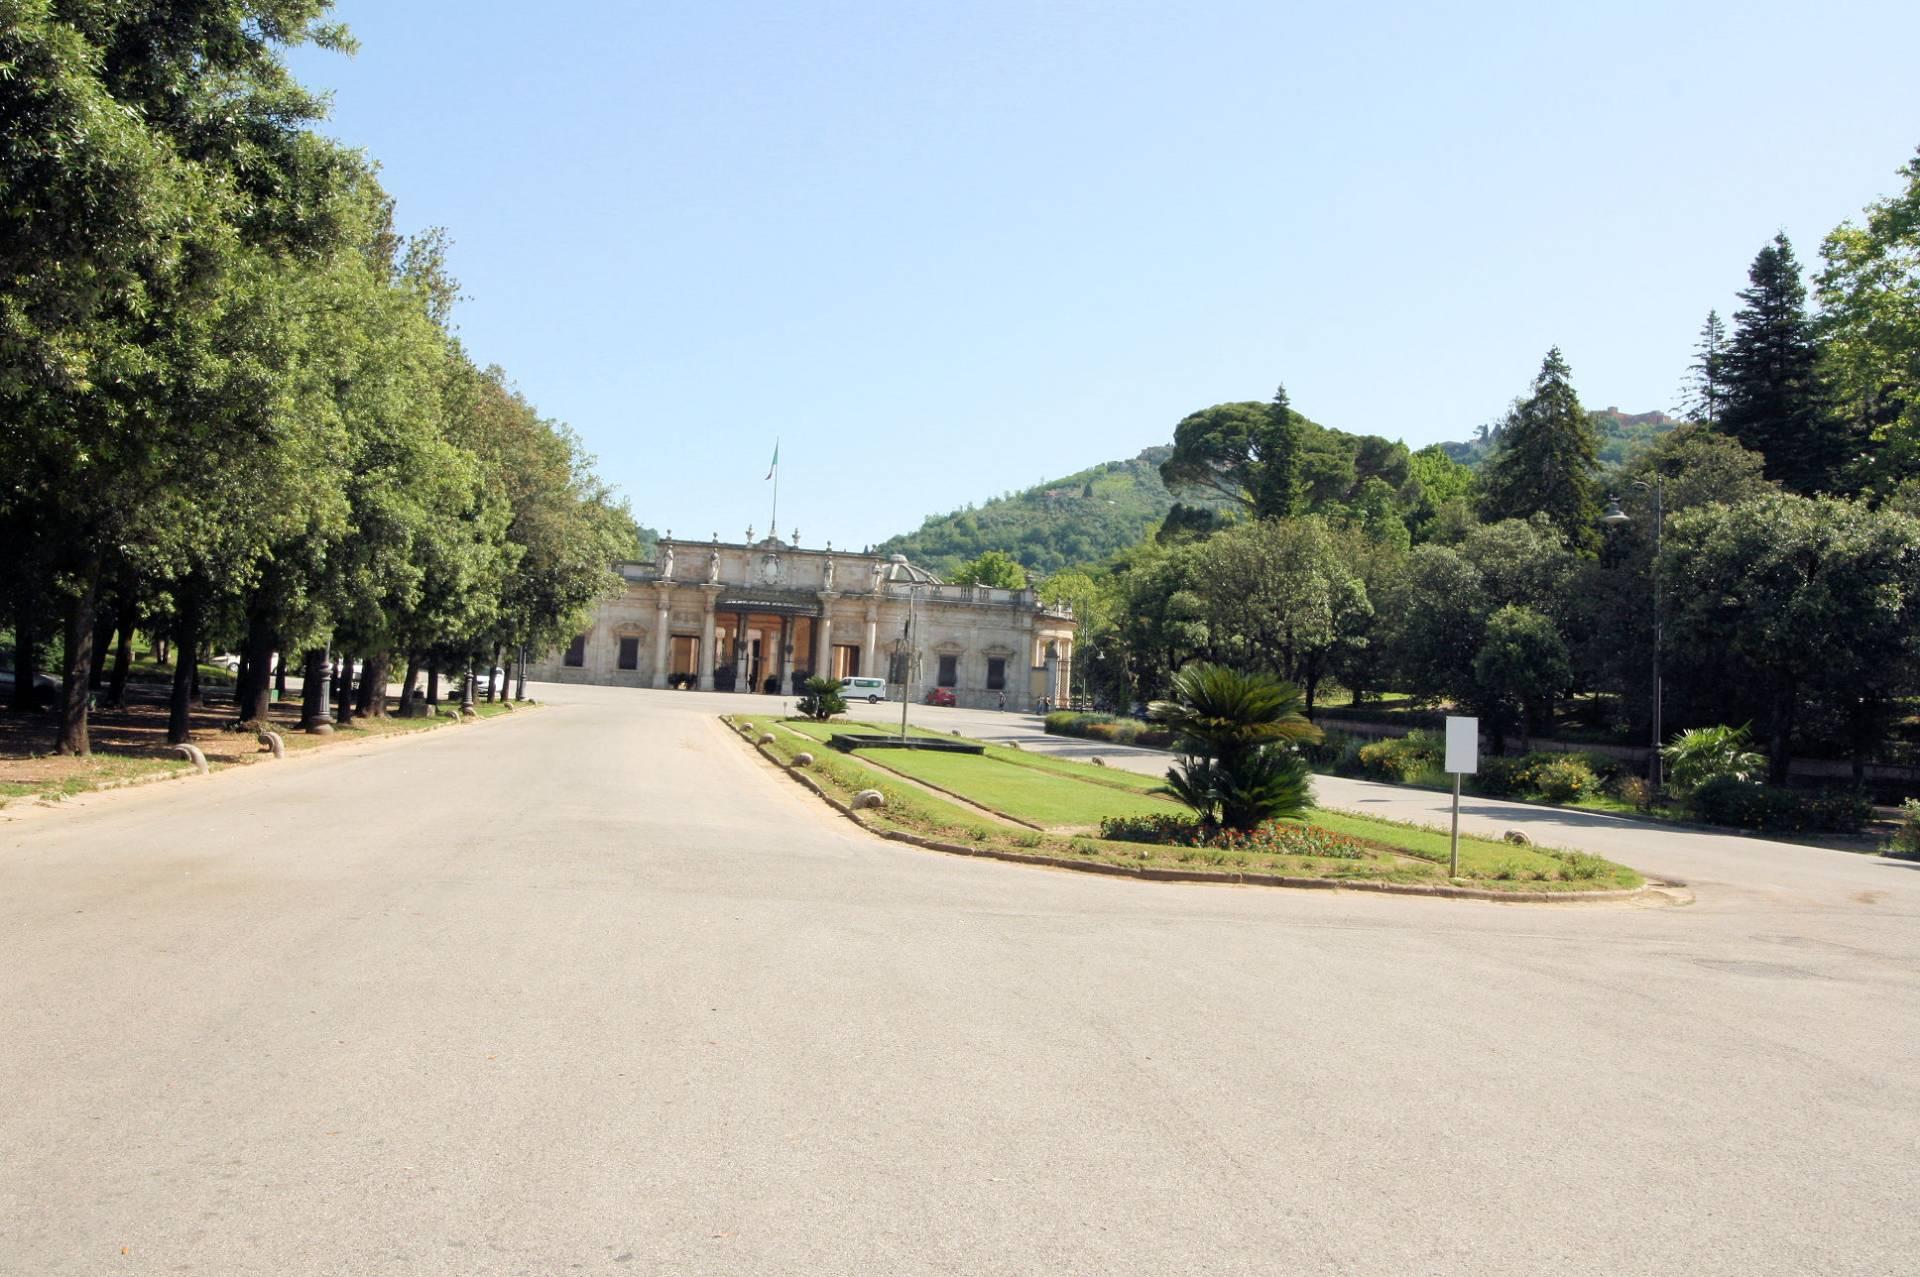 Albergo in vendita a Montecatini-Terme, 75 locali, Trattative riservate | CambioCasa.it